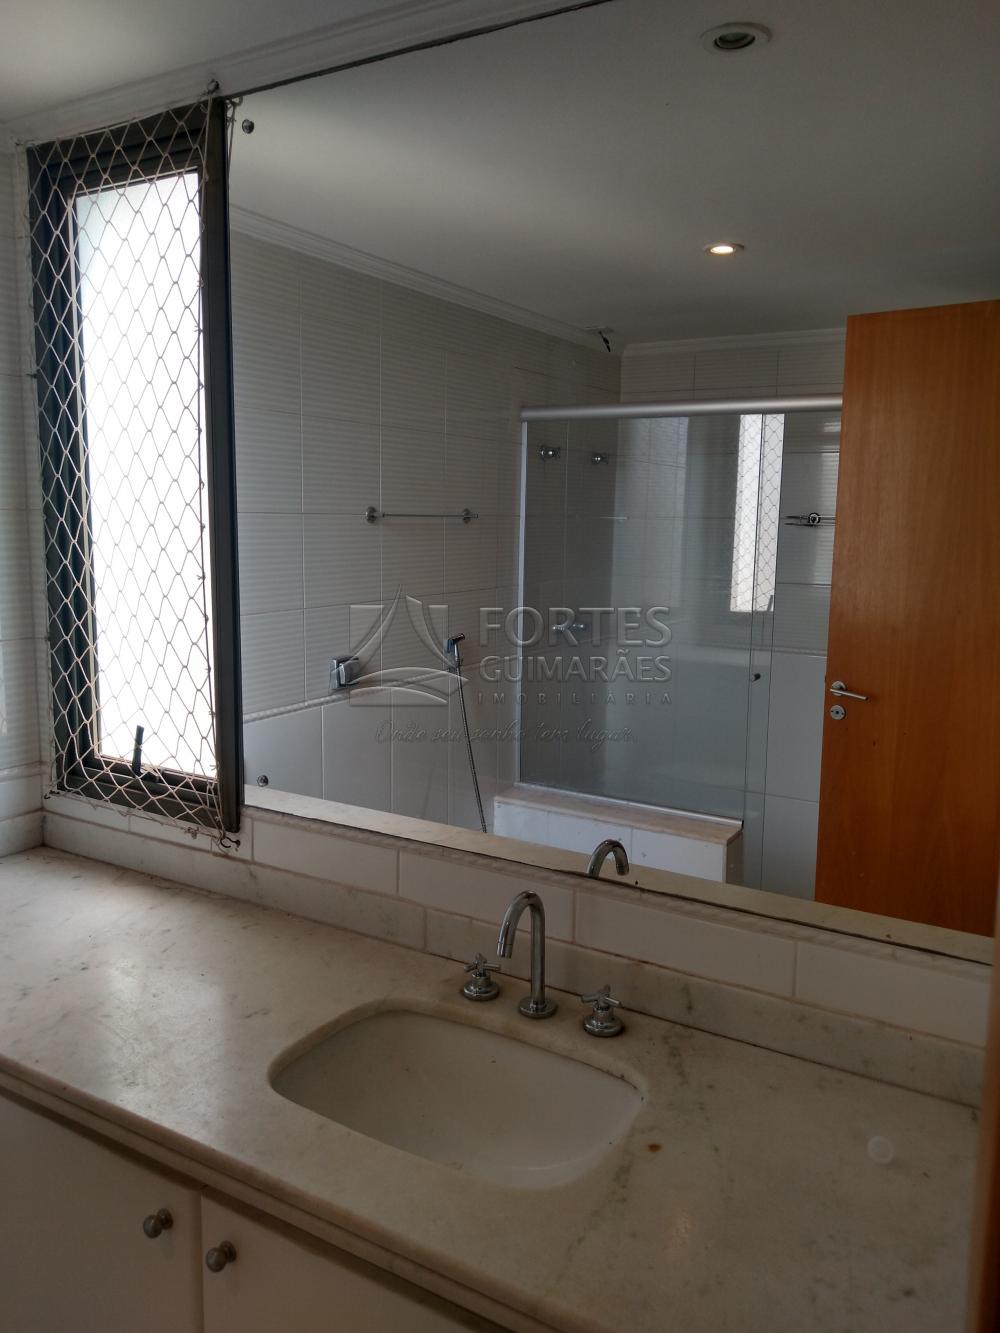 Alugar Apartamentos / Padrão em Ribeirão Preto apenas R$ 1.600,00 - Foto 58